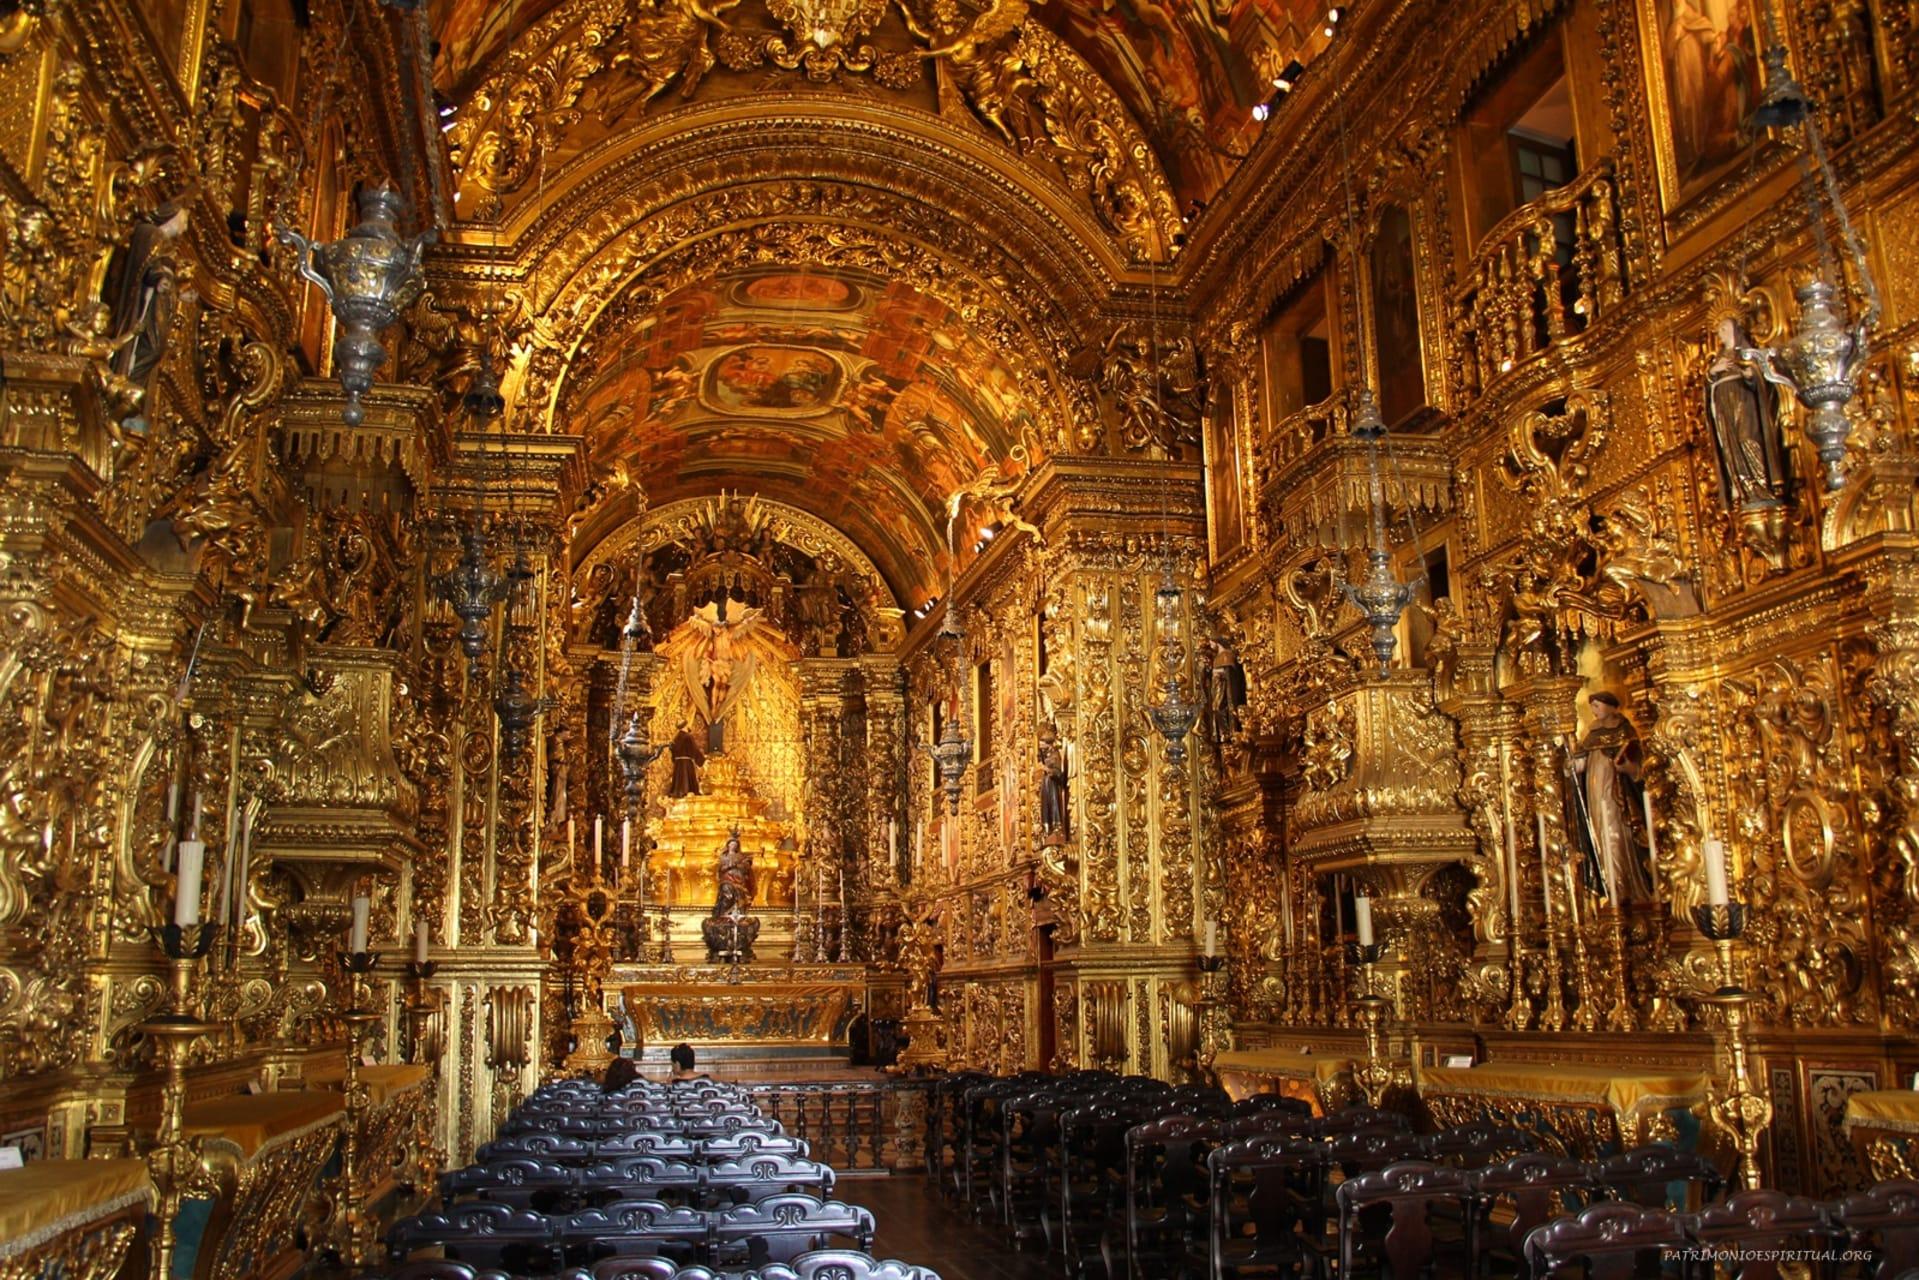 Rio de Janeiro - The temple of Baroque Art in Rio de Janeiro: Church of the Third Order of São Francisco da Penitência